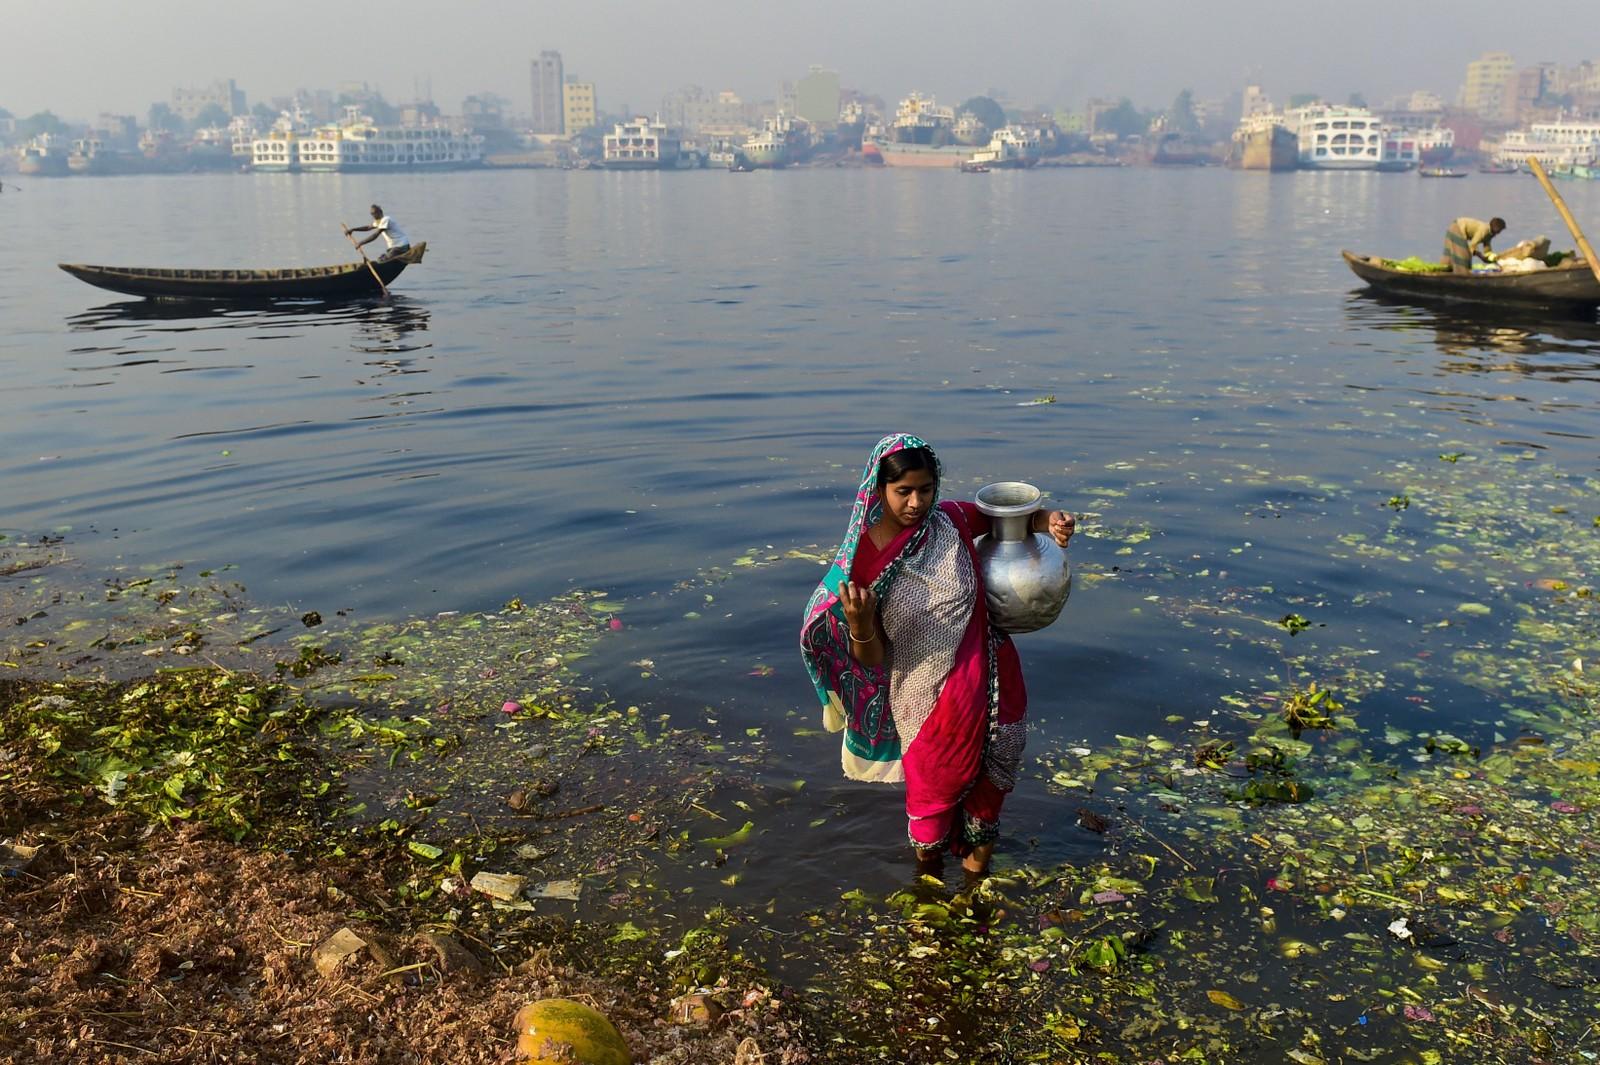 Ei kvinne samler inn forurenset vann for å bruke det på grønnsaksmarkedet. 20 millioner drikker fortsatt arsenikkforgiftet vann i Bangladesh. Det tar livet av 43000 personer årlig.